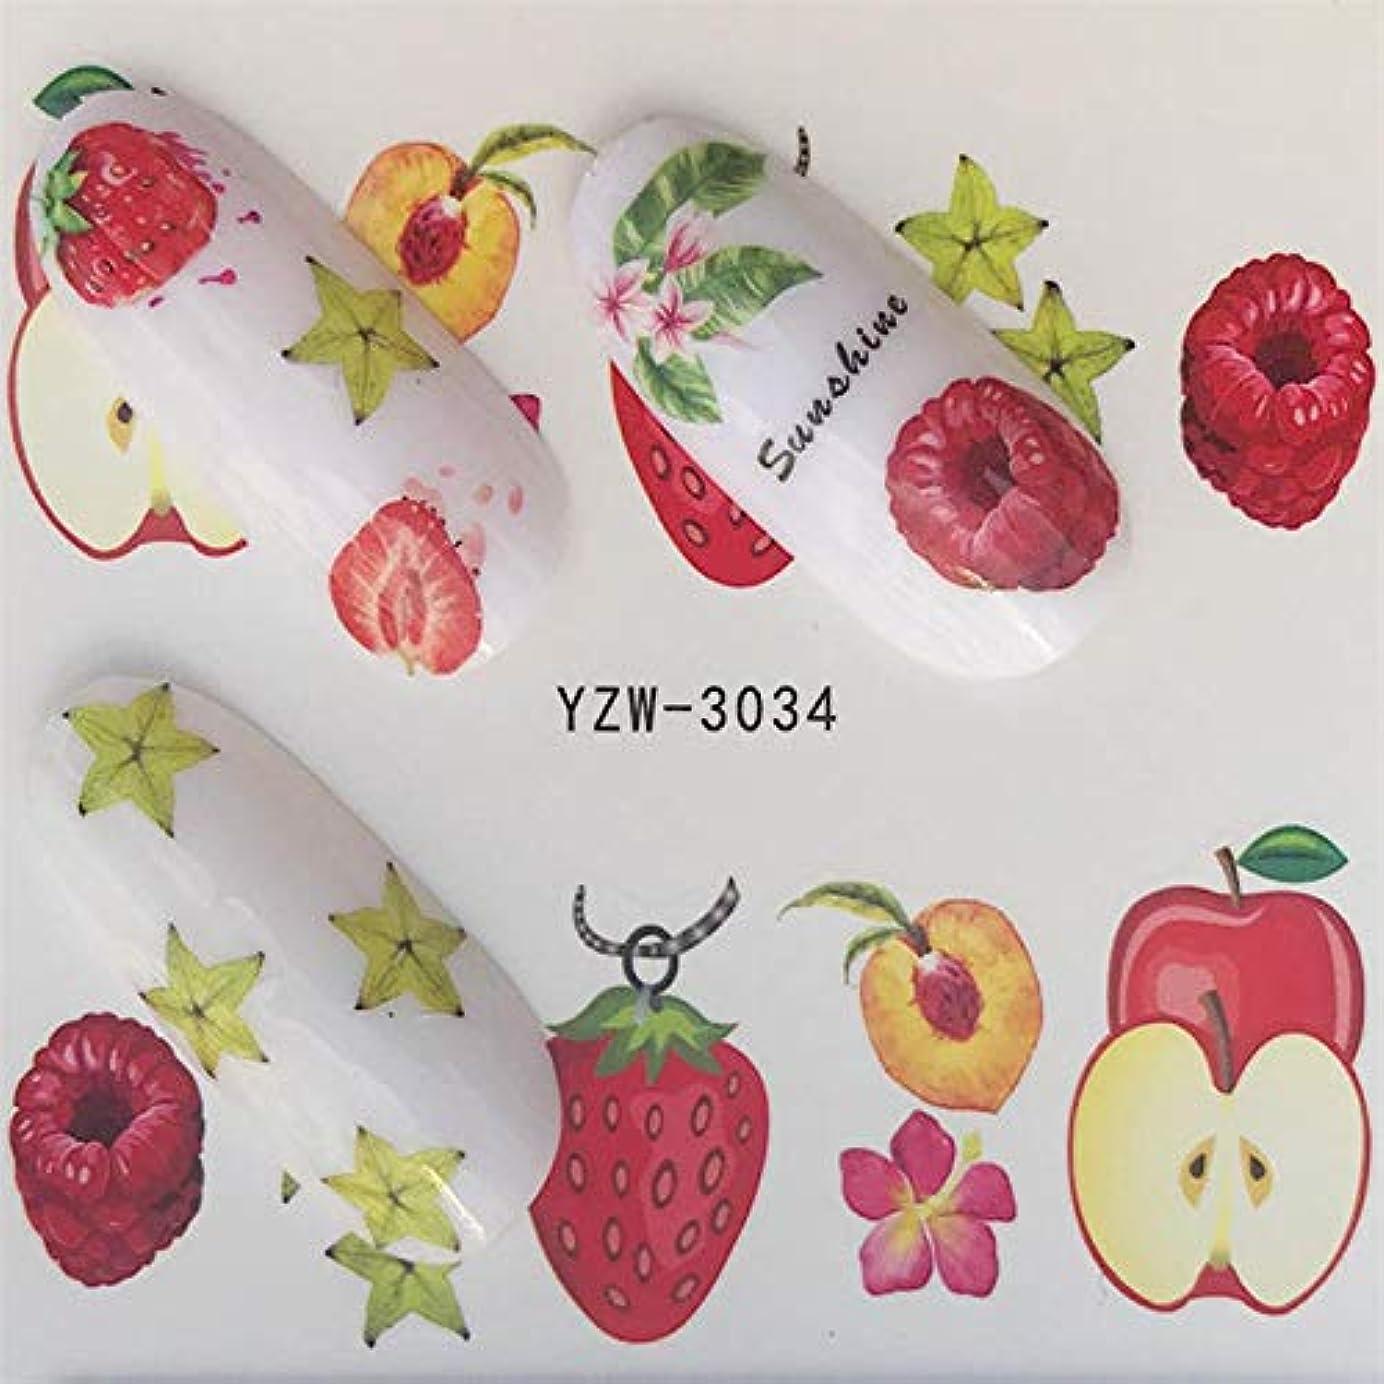 合唱団モトリーオーチャードSUKTI&XIAO ネイルステッカー 1ピース漫画フラミンゴ/花/果物水転写ステッカーネイルアートデカールラップヒントマニキュアツール、Yzw-3034